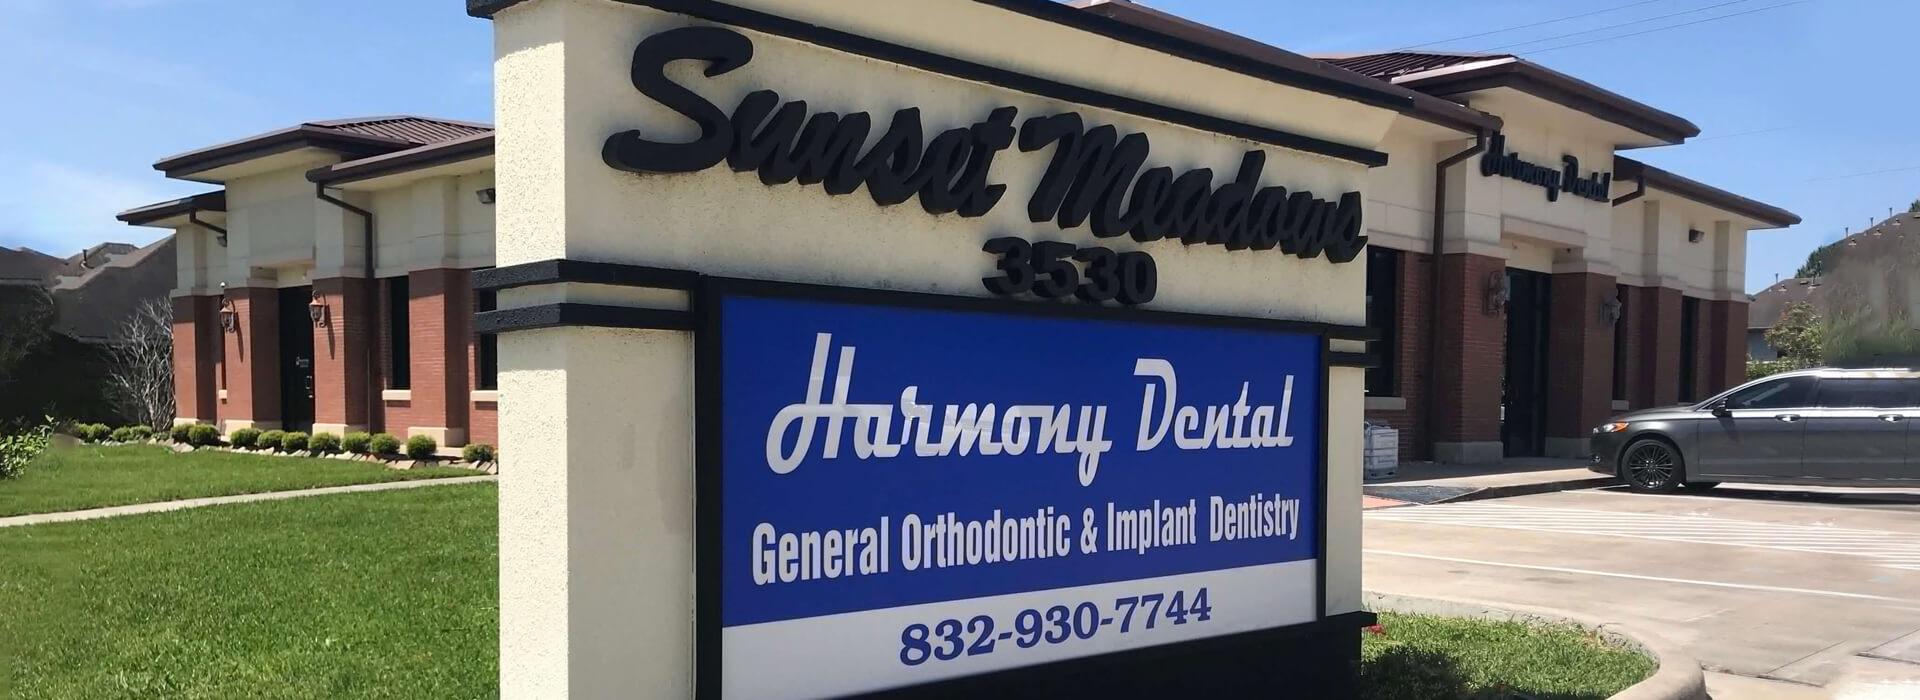 Harmony Dental Pearland,TX